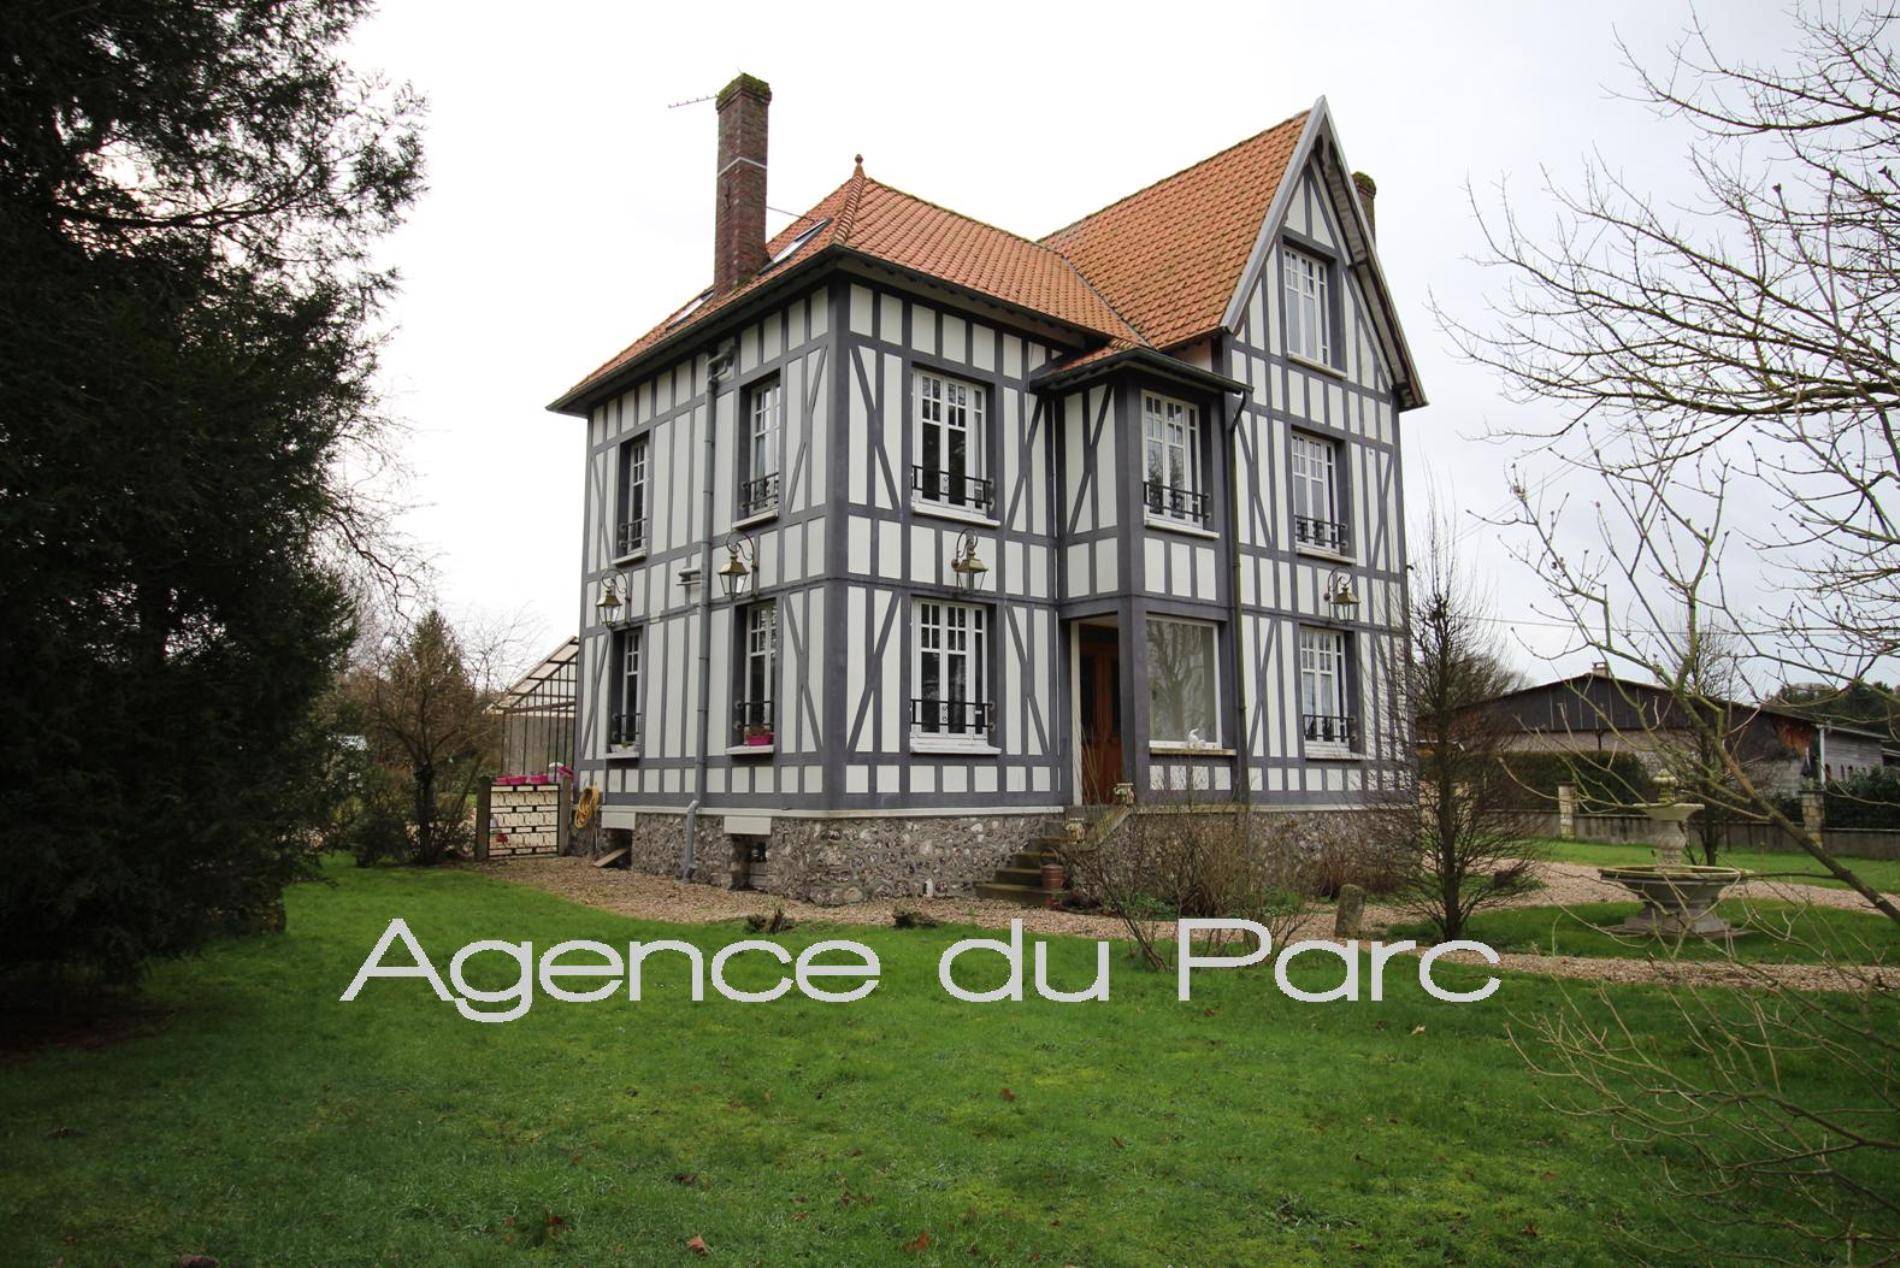 achat maison normande en vallée de Seine